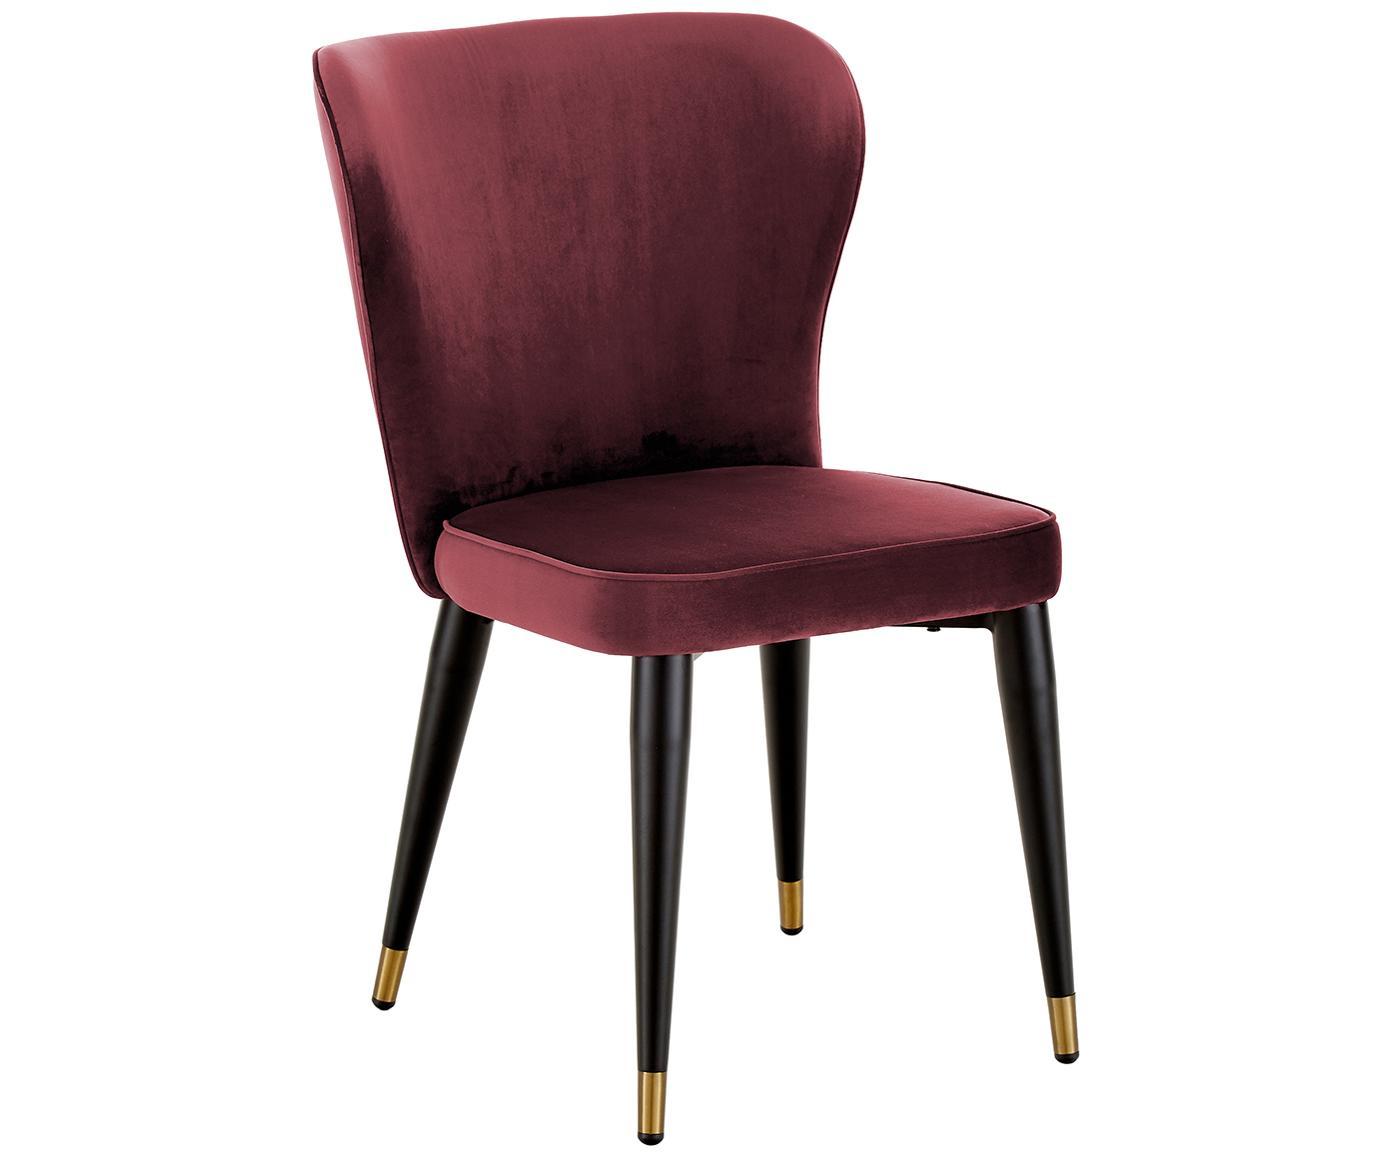 Krzesło tapicerowane z aksamitu Cleo, Tapicerka: aksamit (poliester) 30 00, Nogi: metal malowany proszkowo, Bordowy, S 51 x G 62 cm